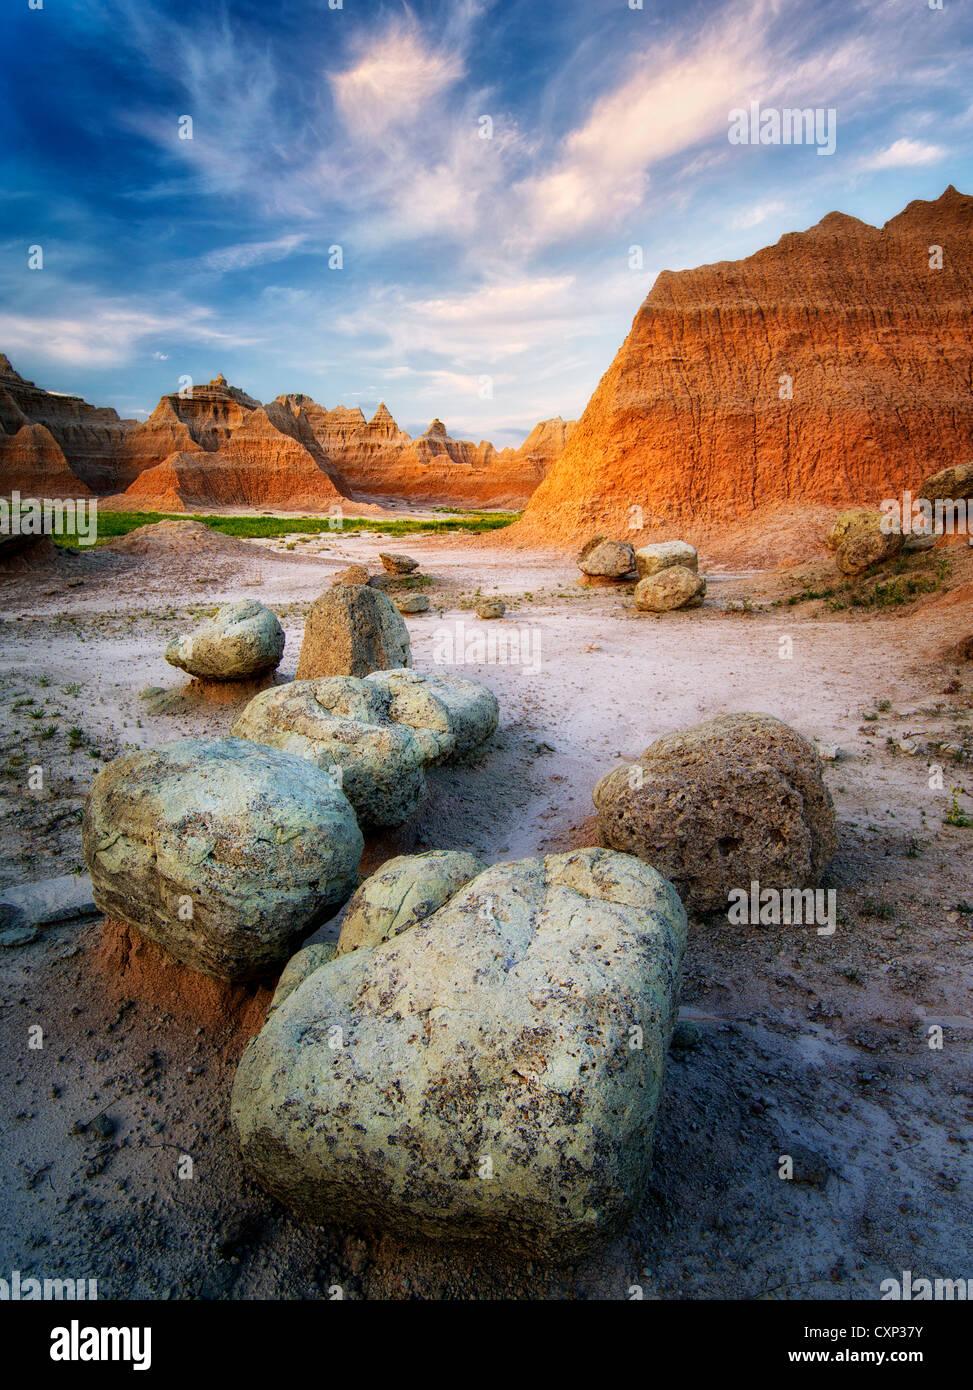 De grosses pierres et rochers au lever du soleil. Badlands National Park (Dakota du Sud). Photo Stock